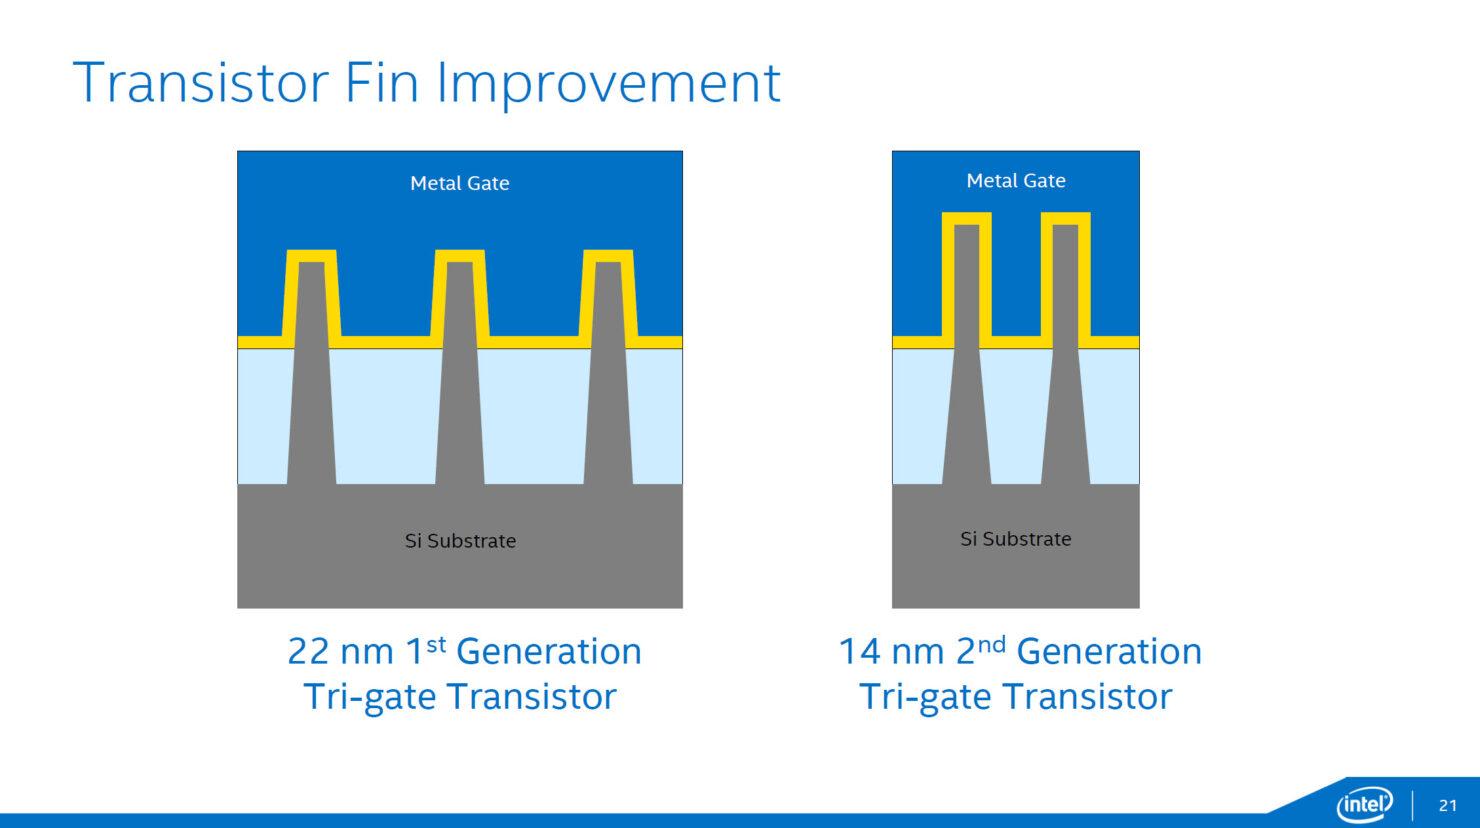 intel-broadwell-14nm-transistor-fin-1